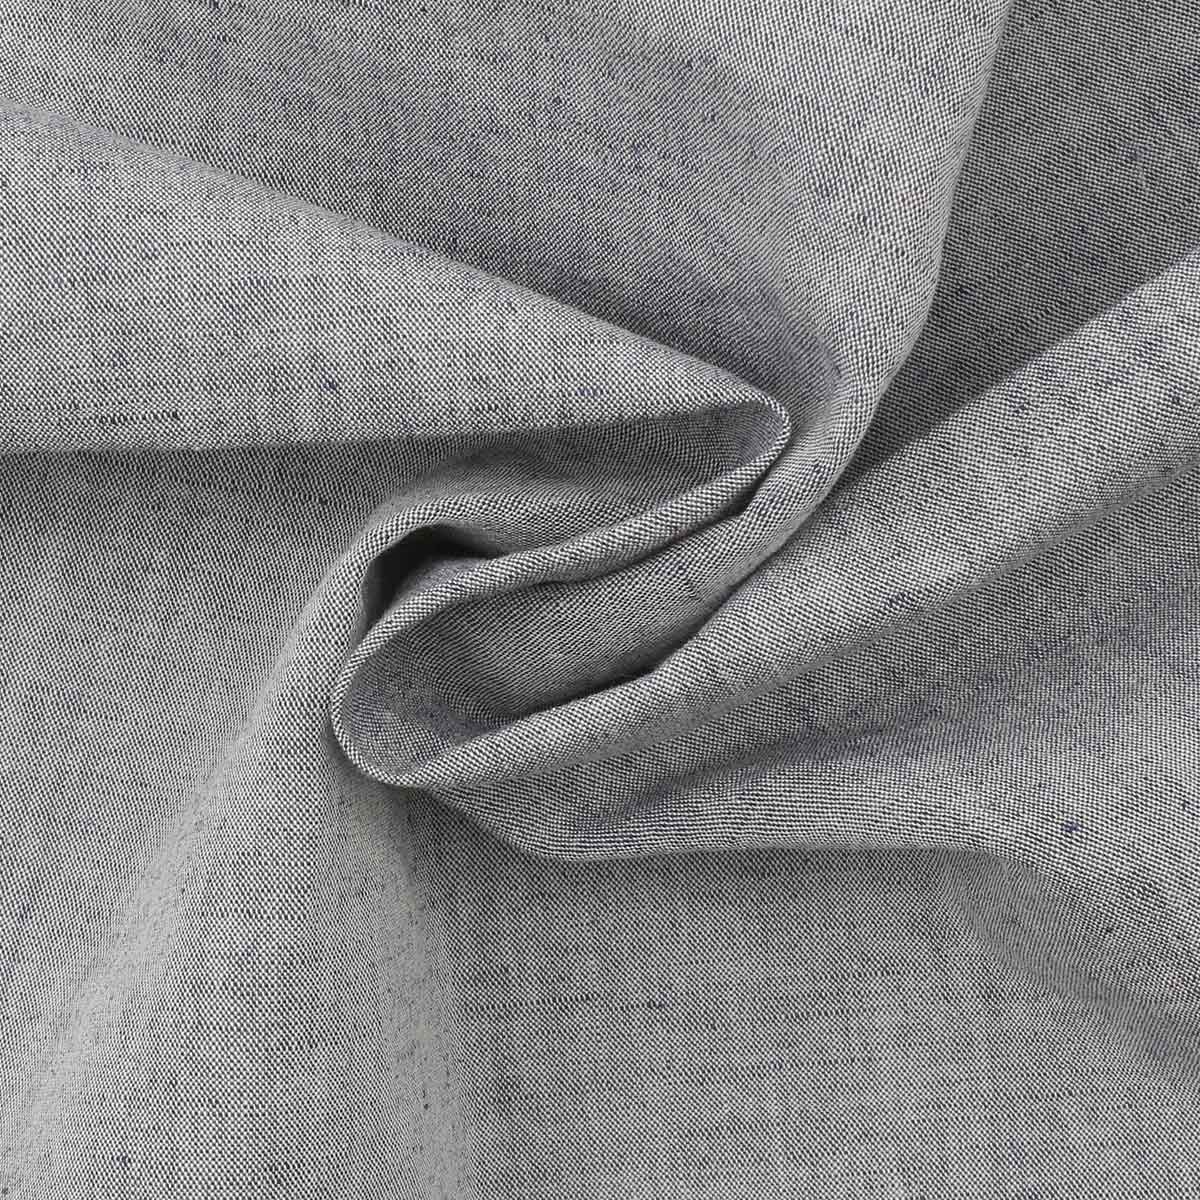 26040 Ткань джинс FD 005, однотон. мягкая